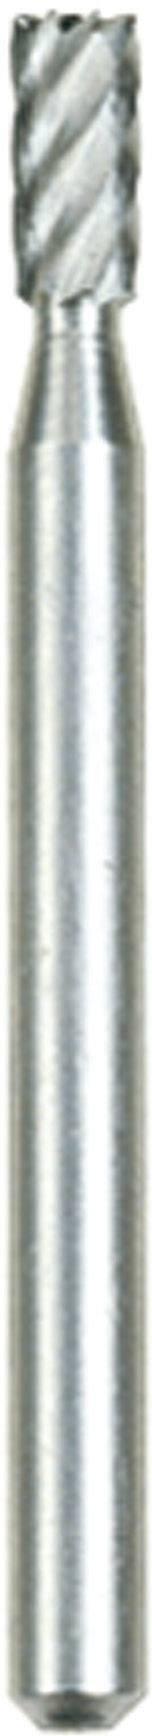 Vysokorychlostní fréza 3,2 mm Dremel 194